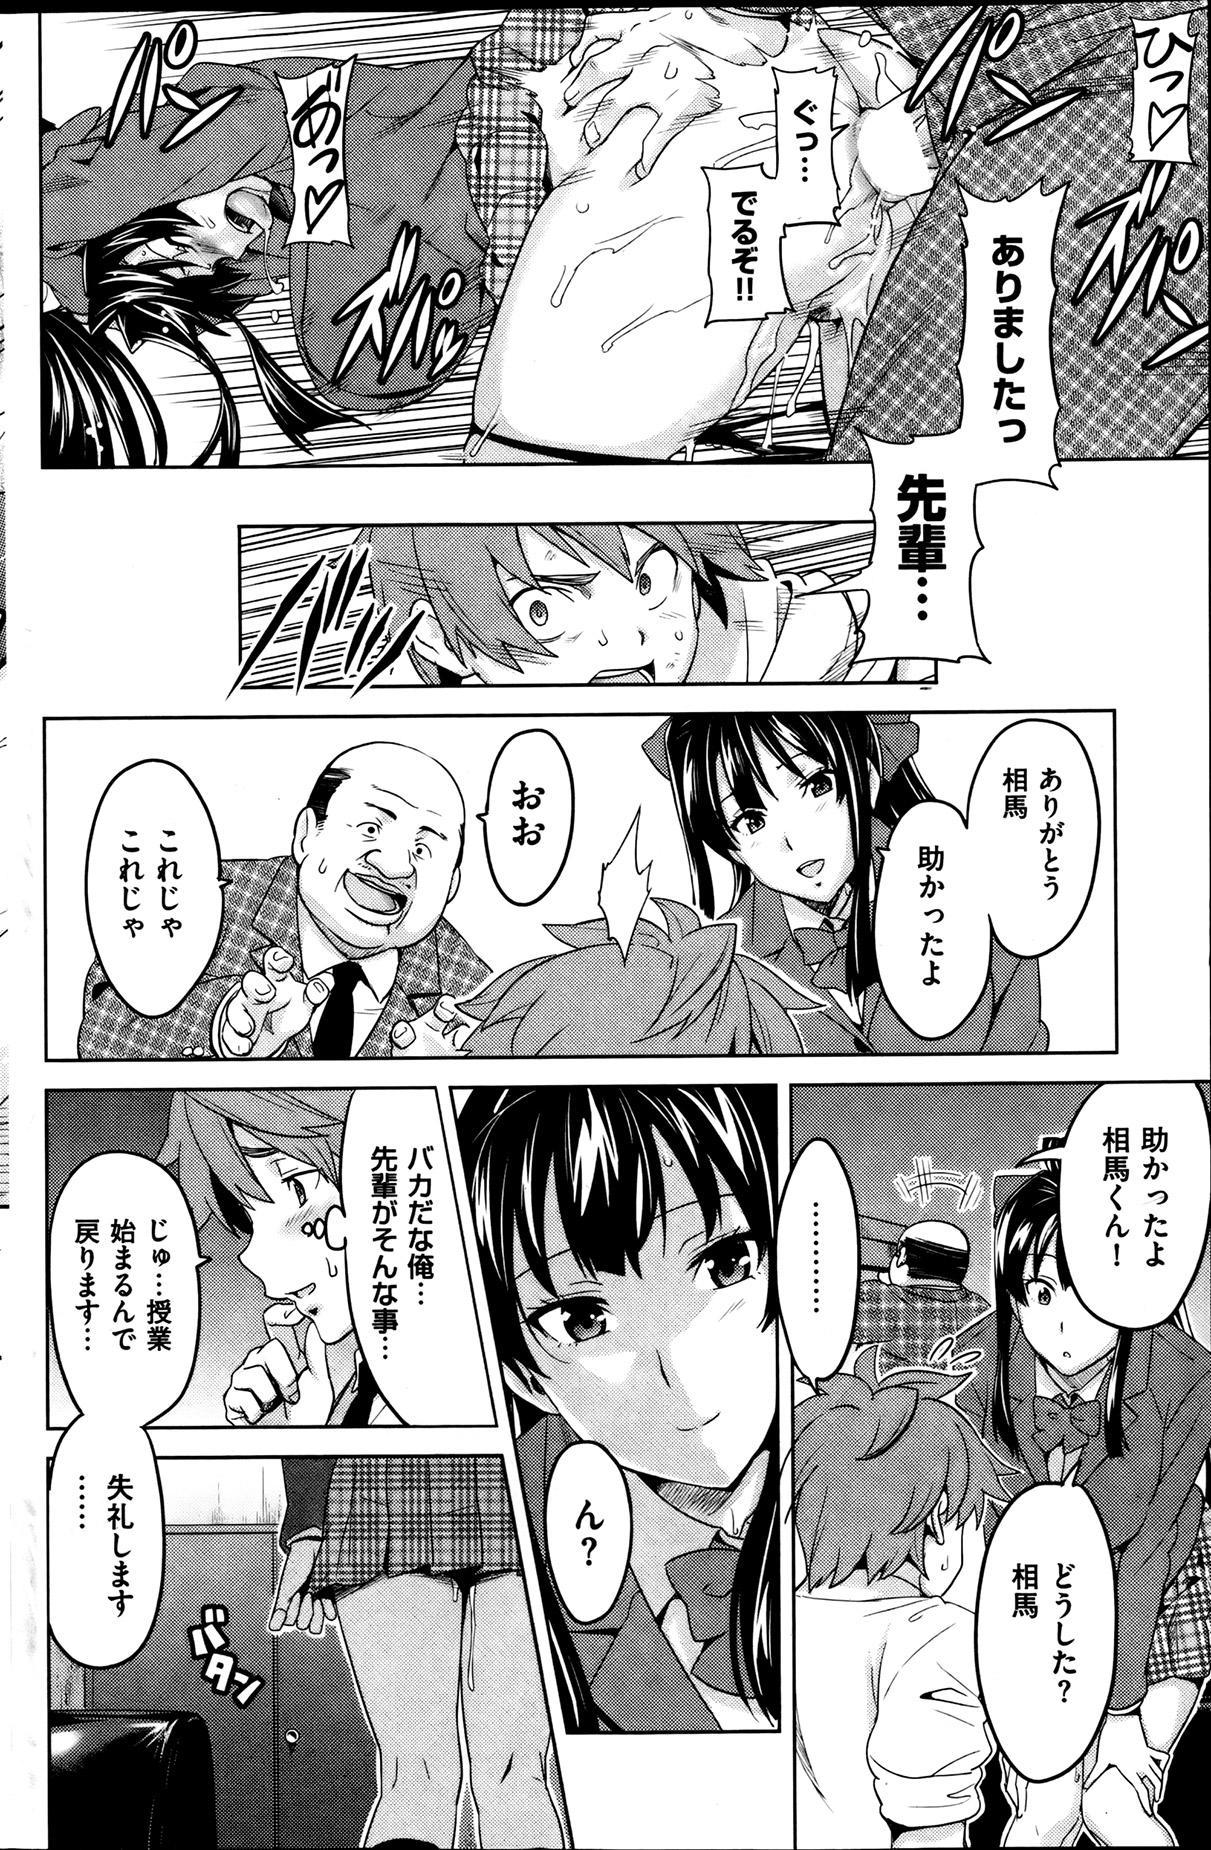 COMIC HANA-MAN 2013-08 Takeda Hiromitsu Tokushuu 119